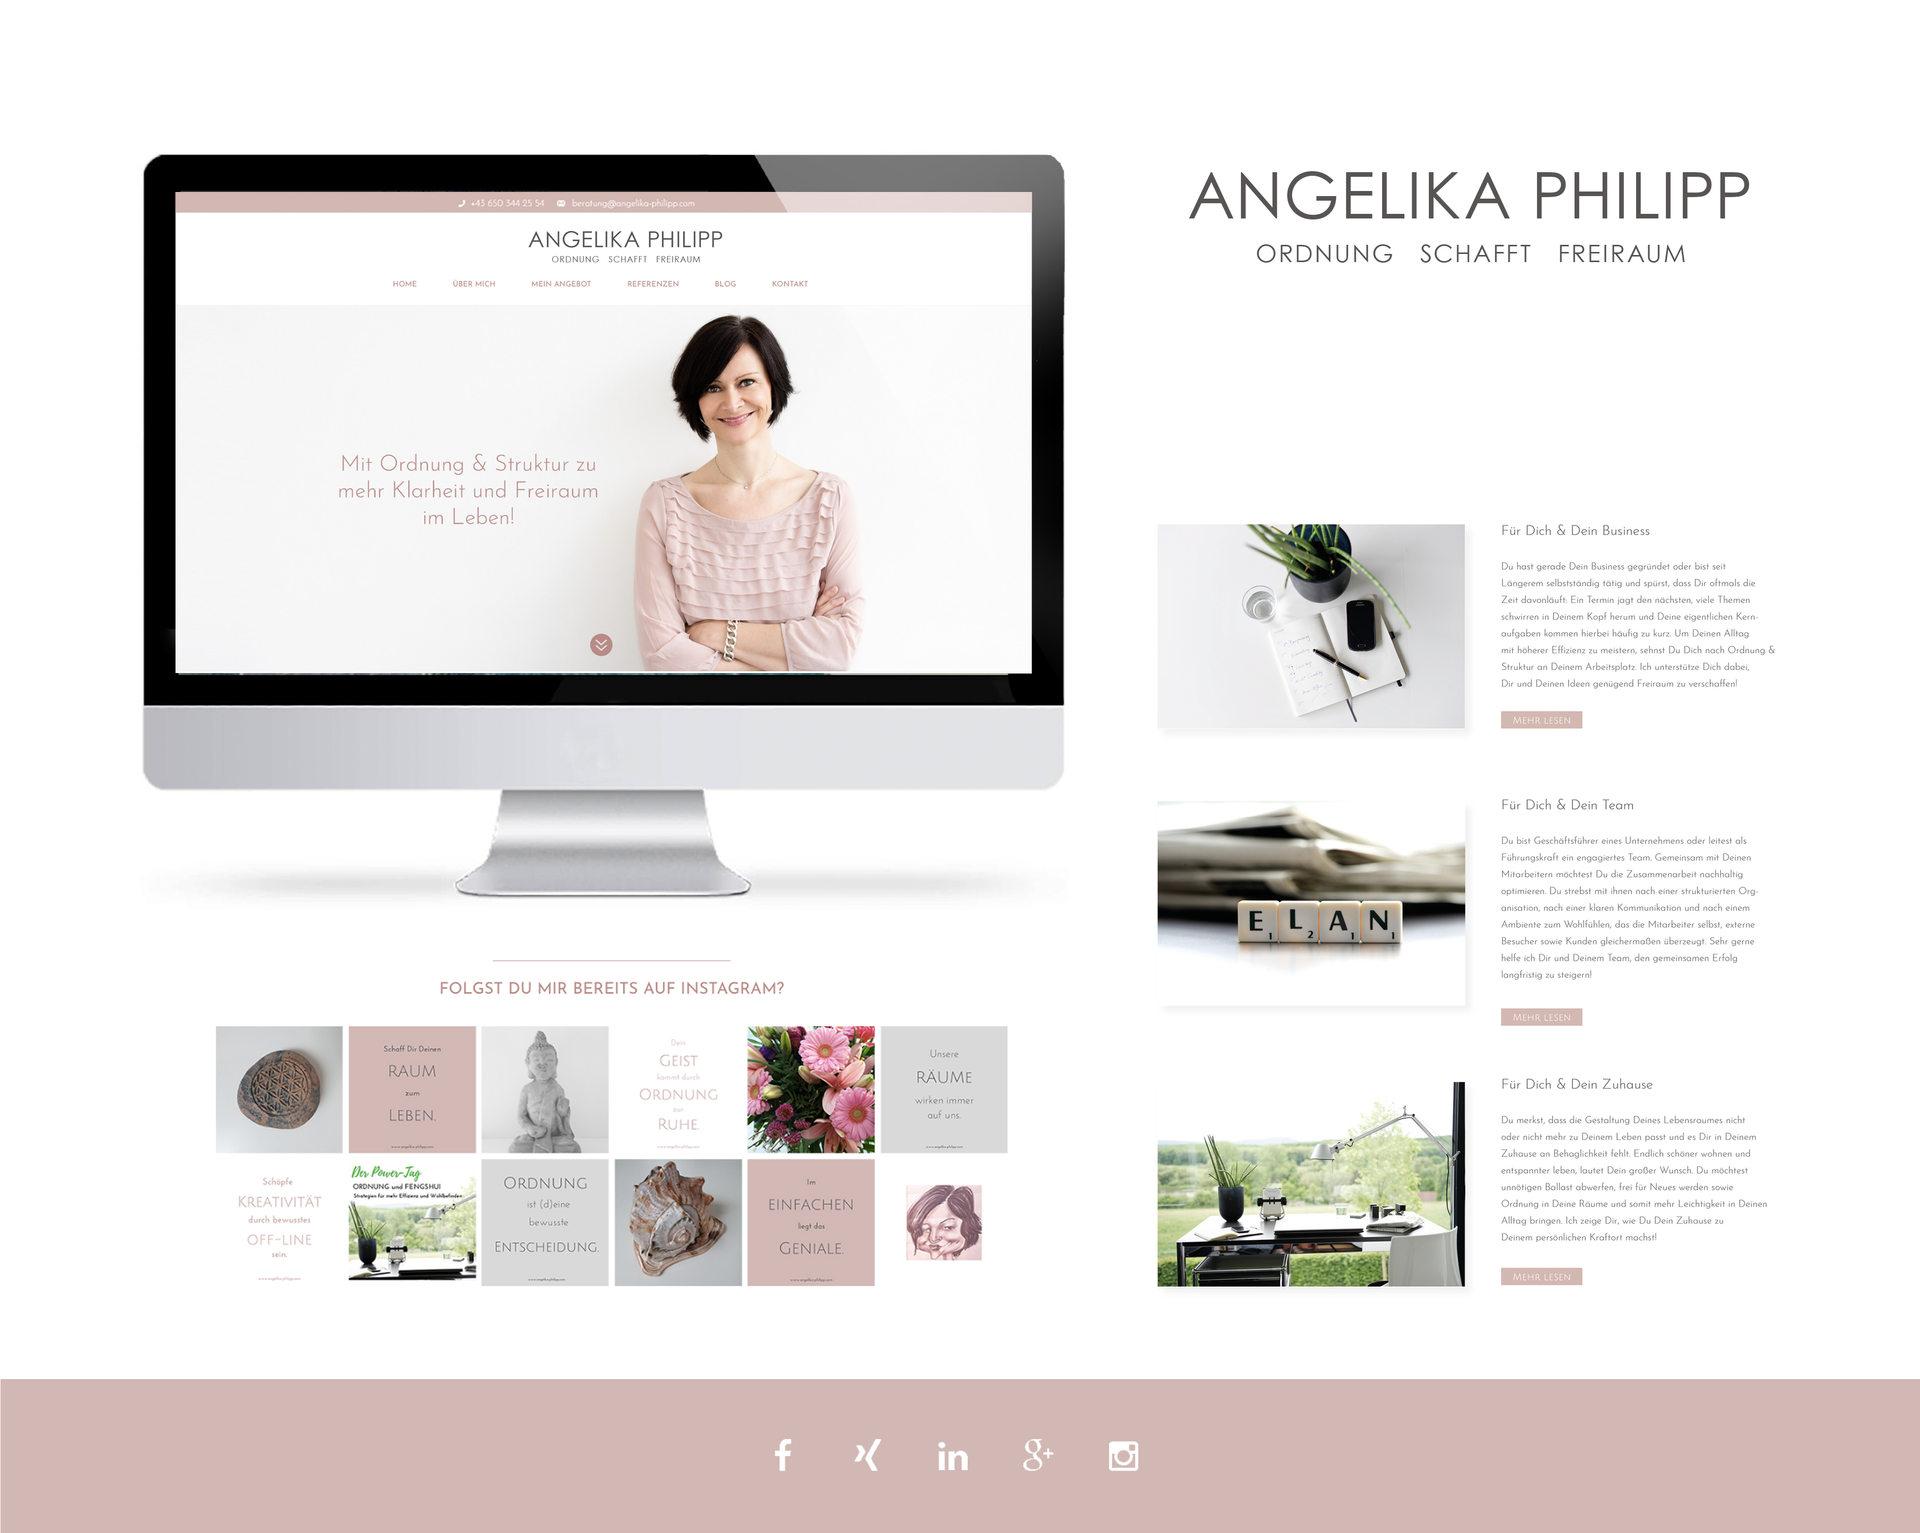 www.angelika-philipp.com